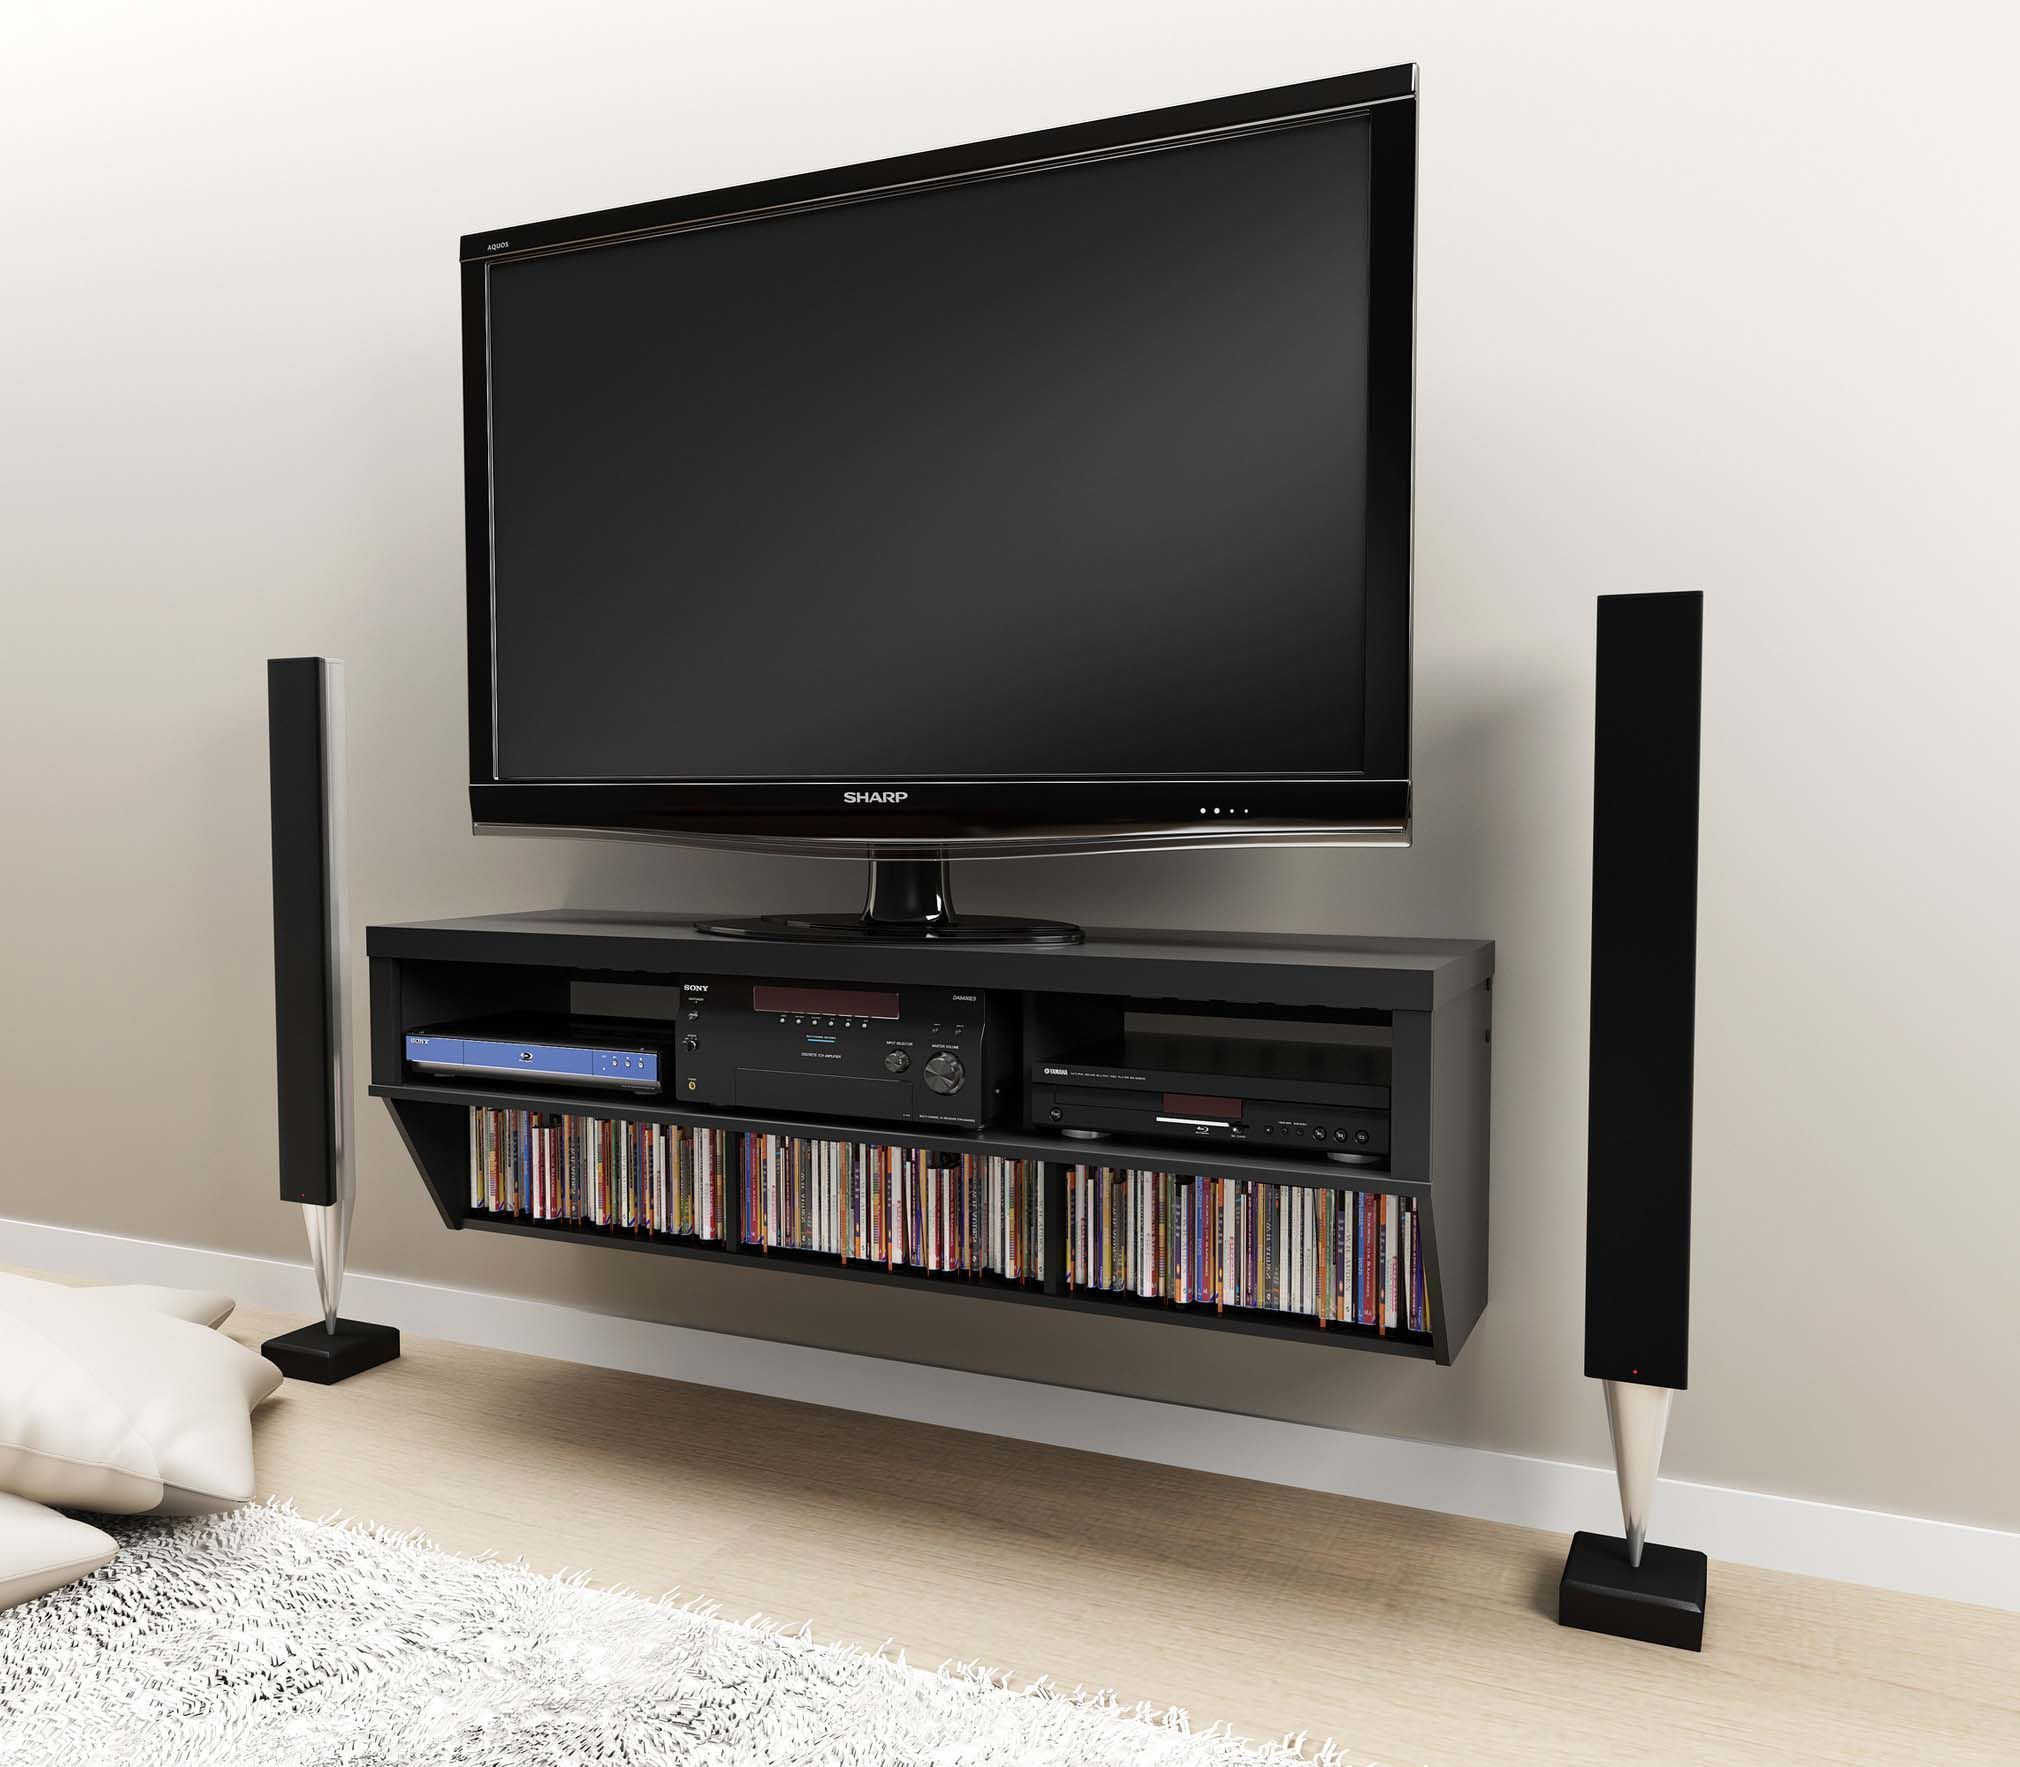 Wall Mounted Entertainment Console Lcd Led Tv Stand W Av Shelves New Lcdtvwallmountflatscreentvs